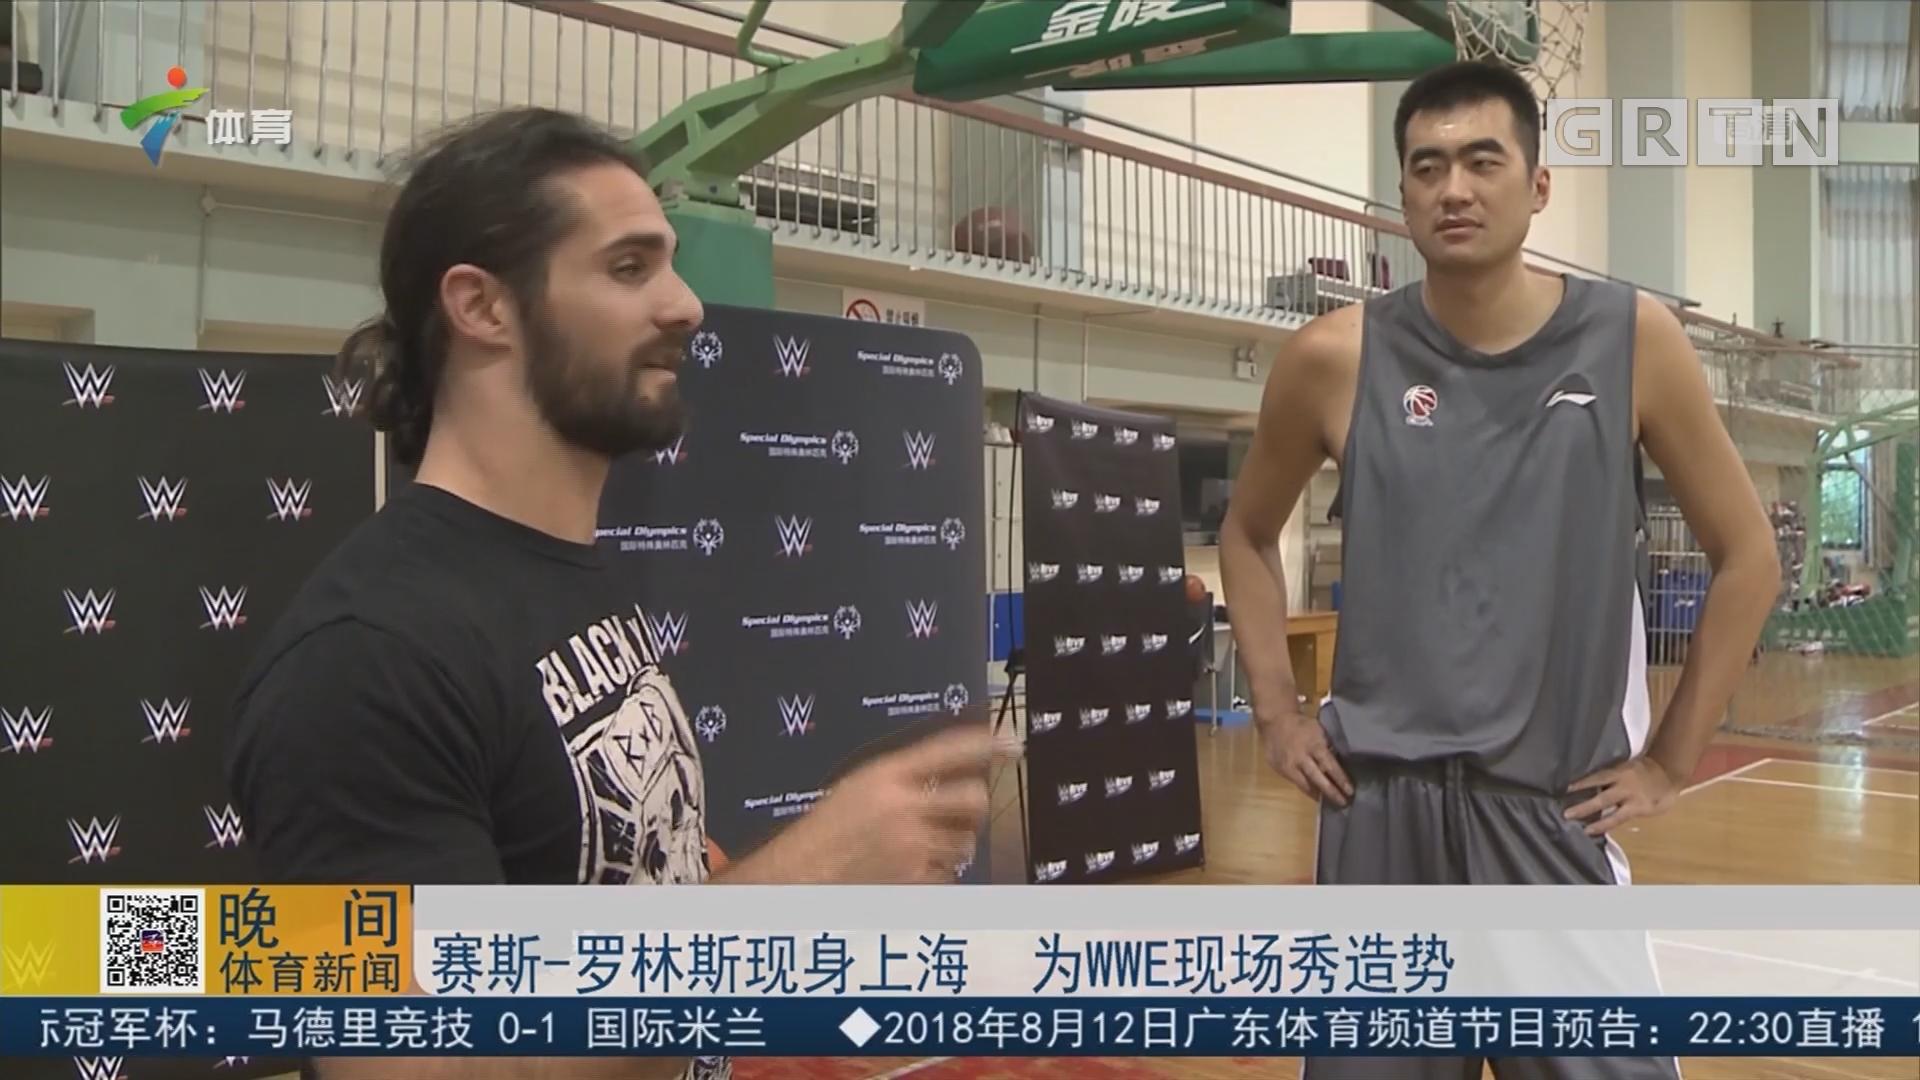 赛斯-罗林斯现身上海 为WWE 现场秀造势